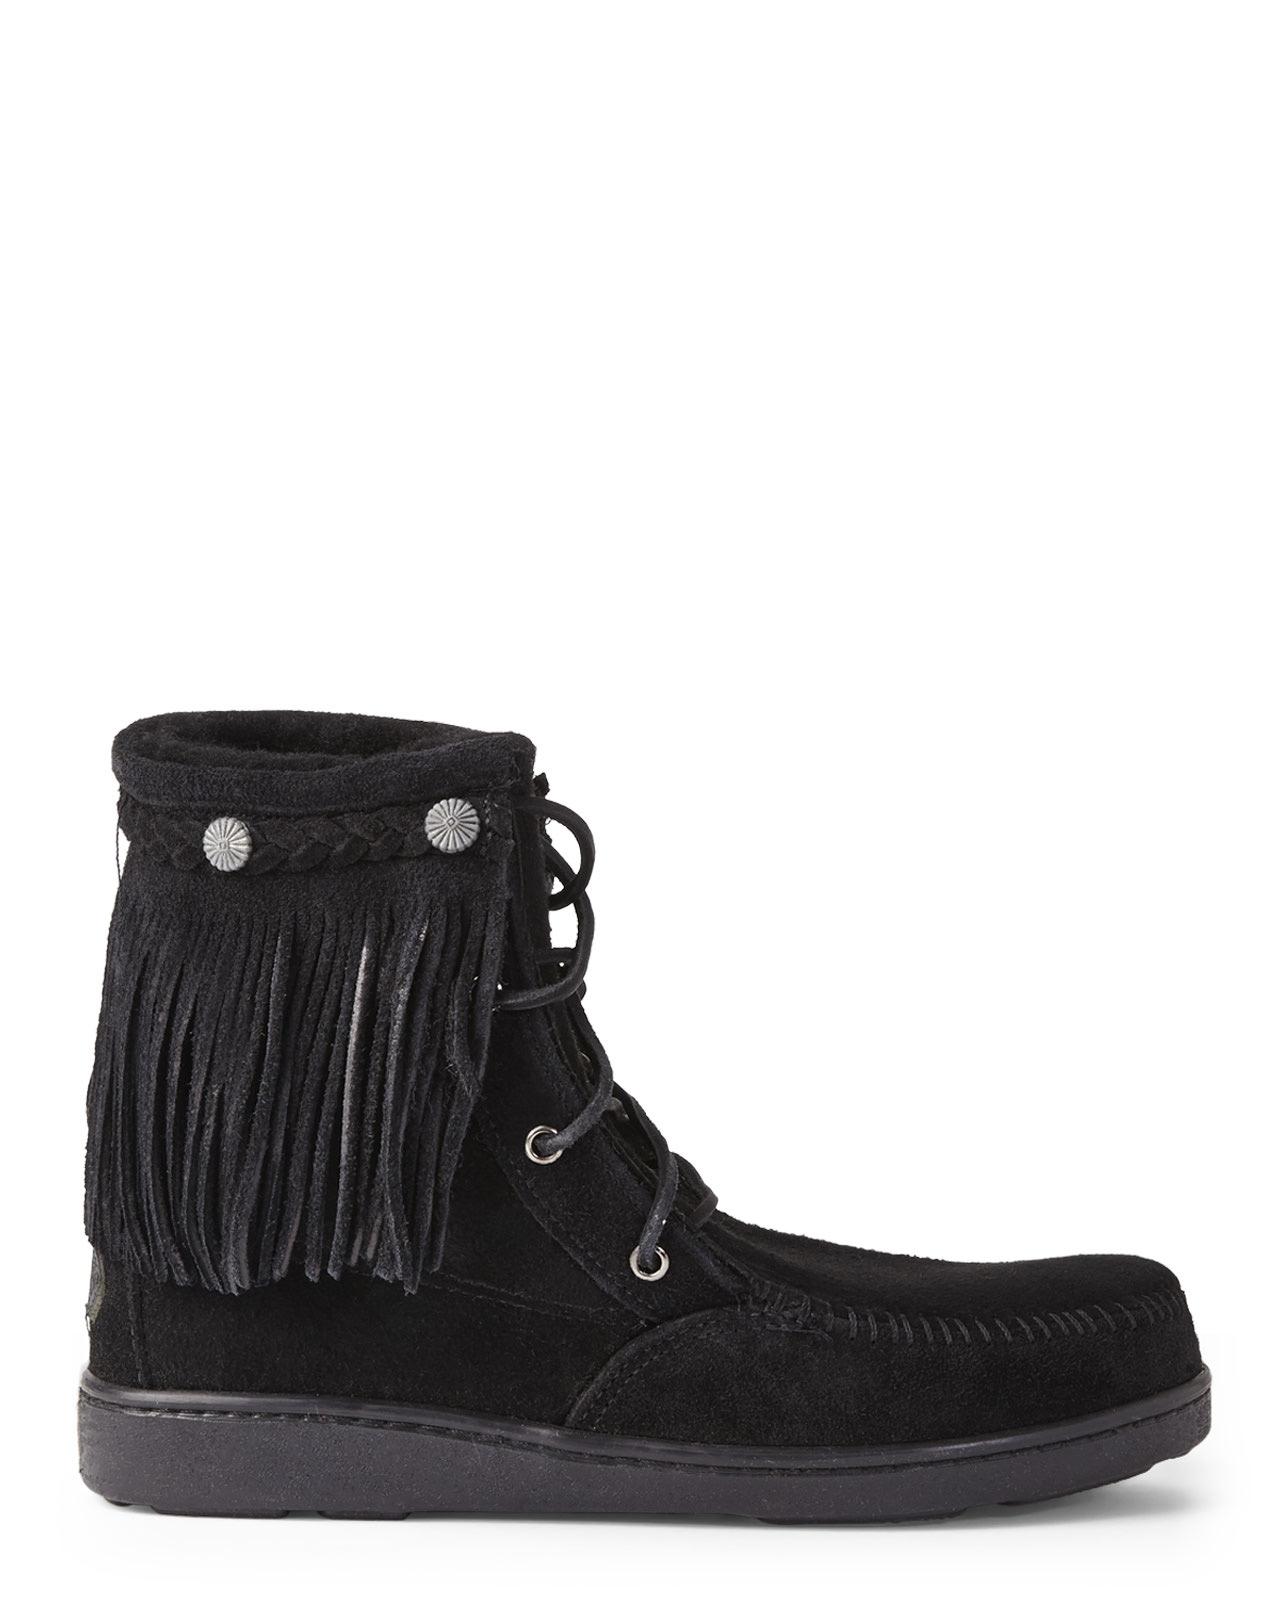 minnetonka black trer fringe boots in black lyst